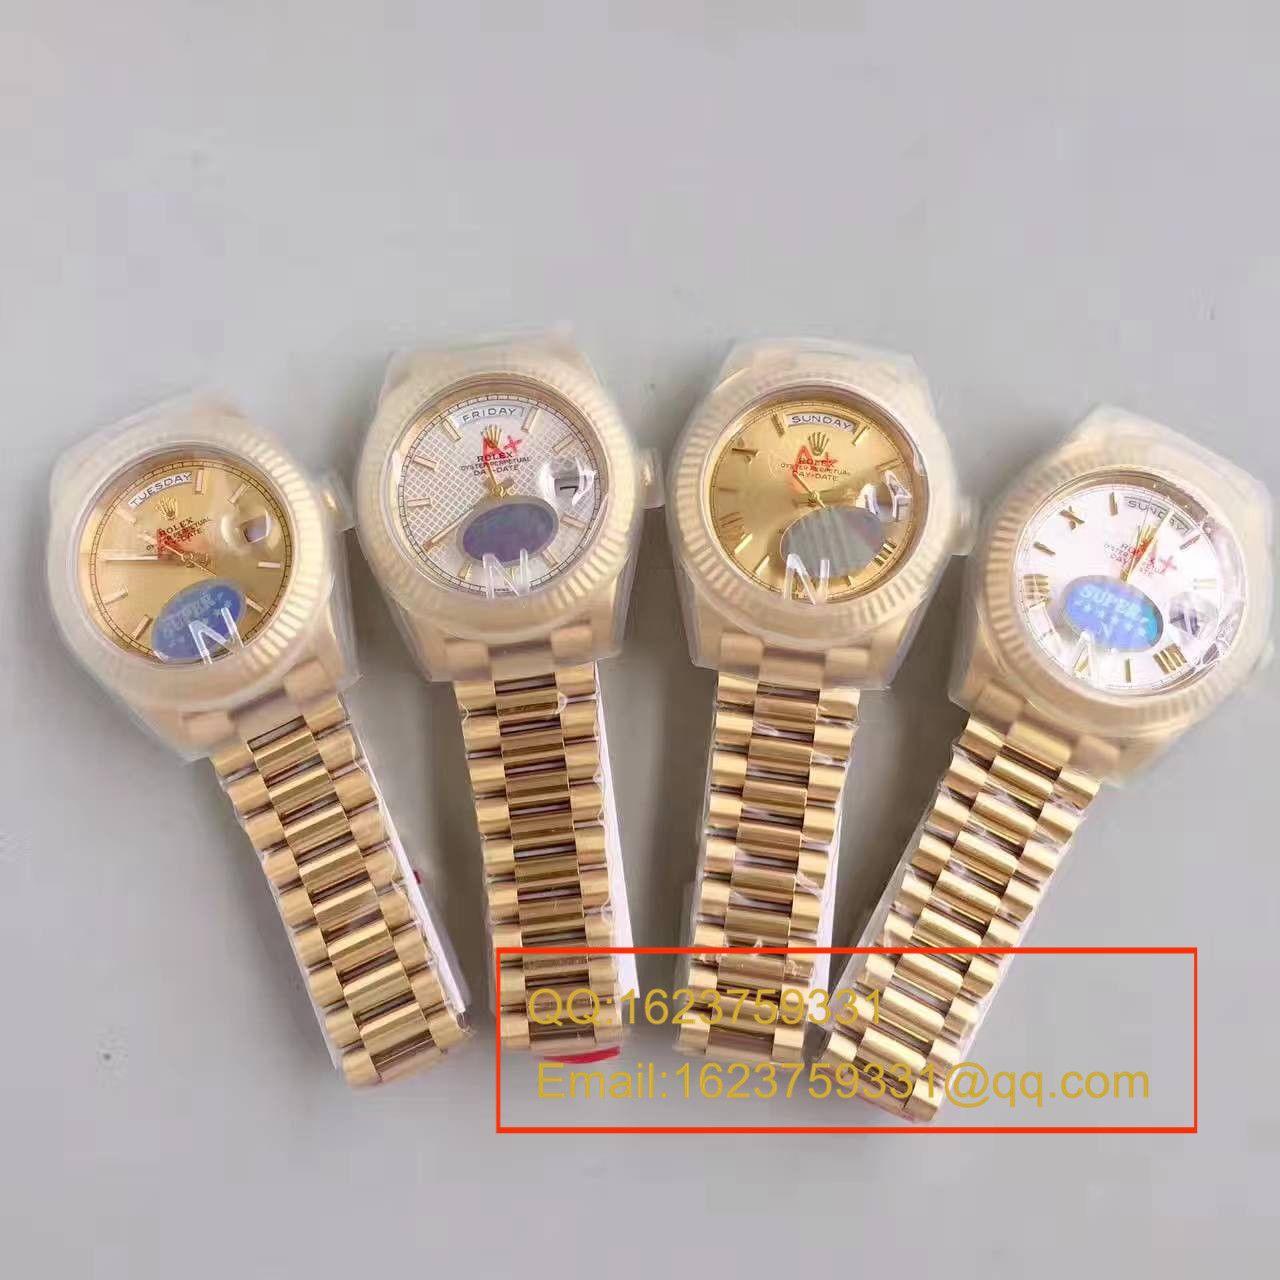 【N厂一比一超A高仿手表】劳力士星期日历型系列218238-83218 白盘腕表 / RBE166